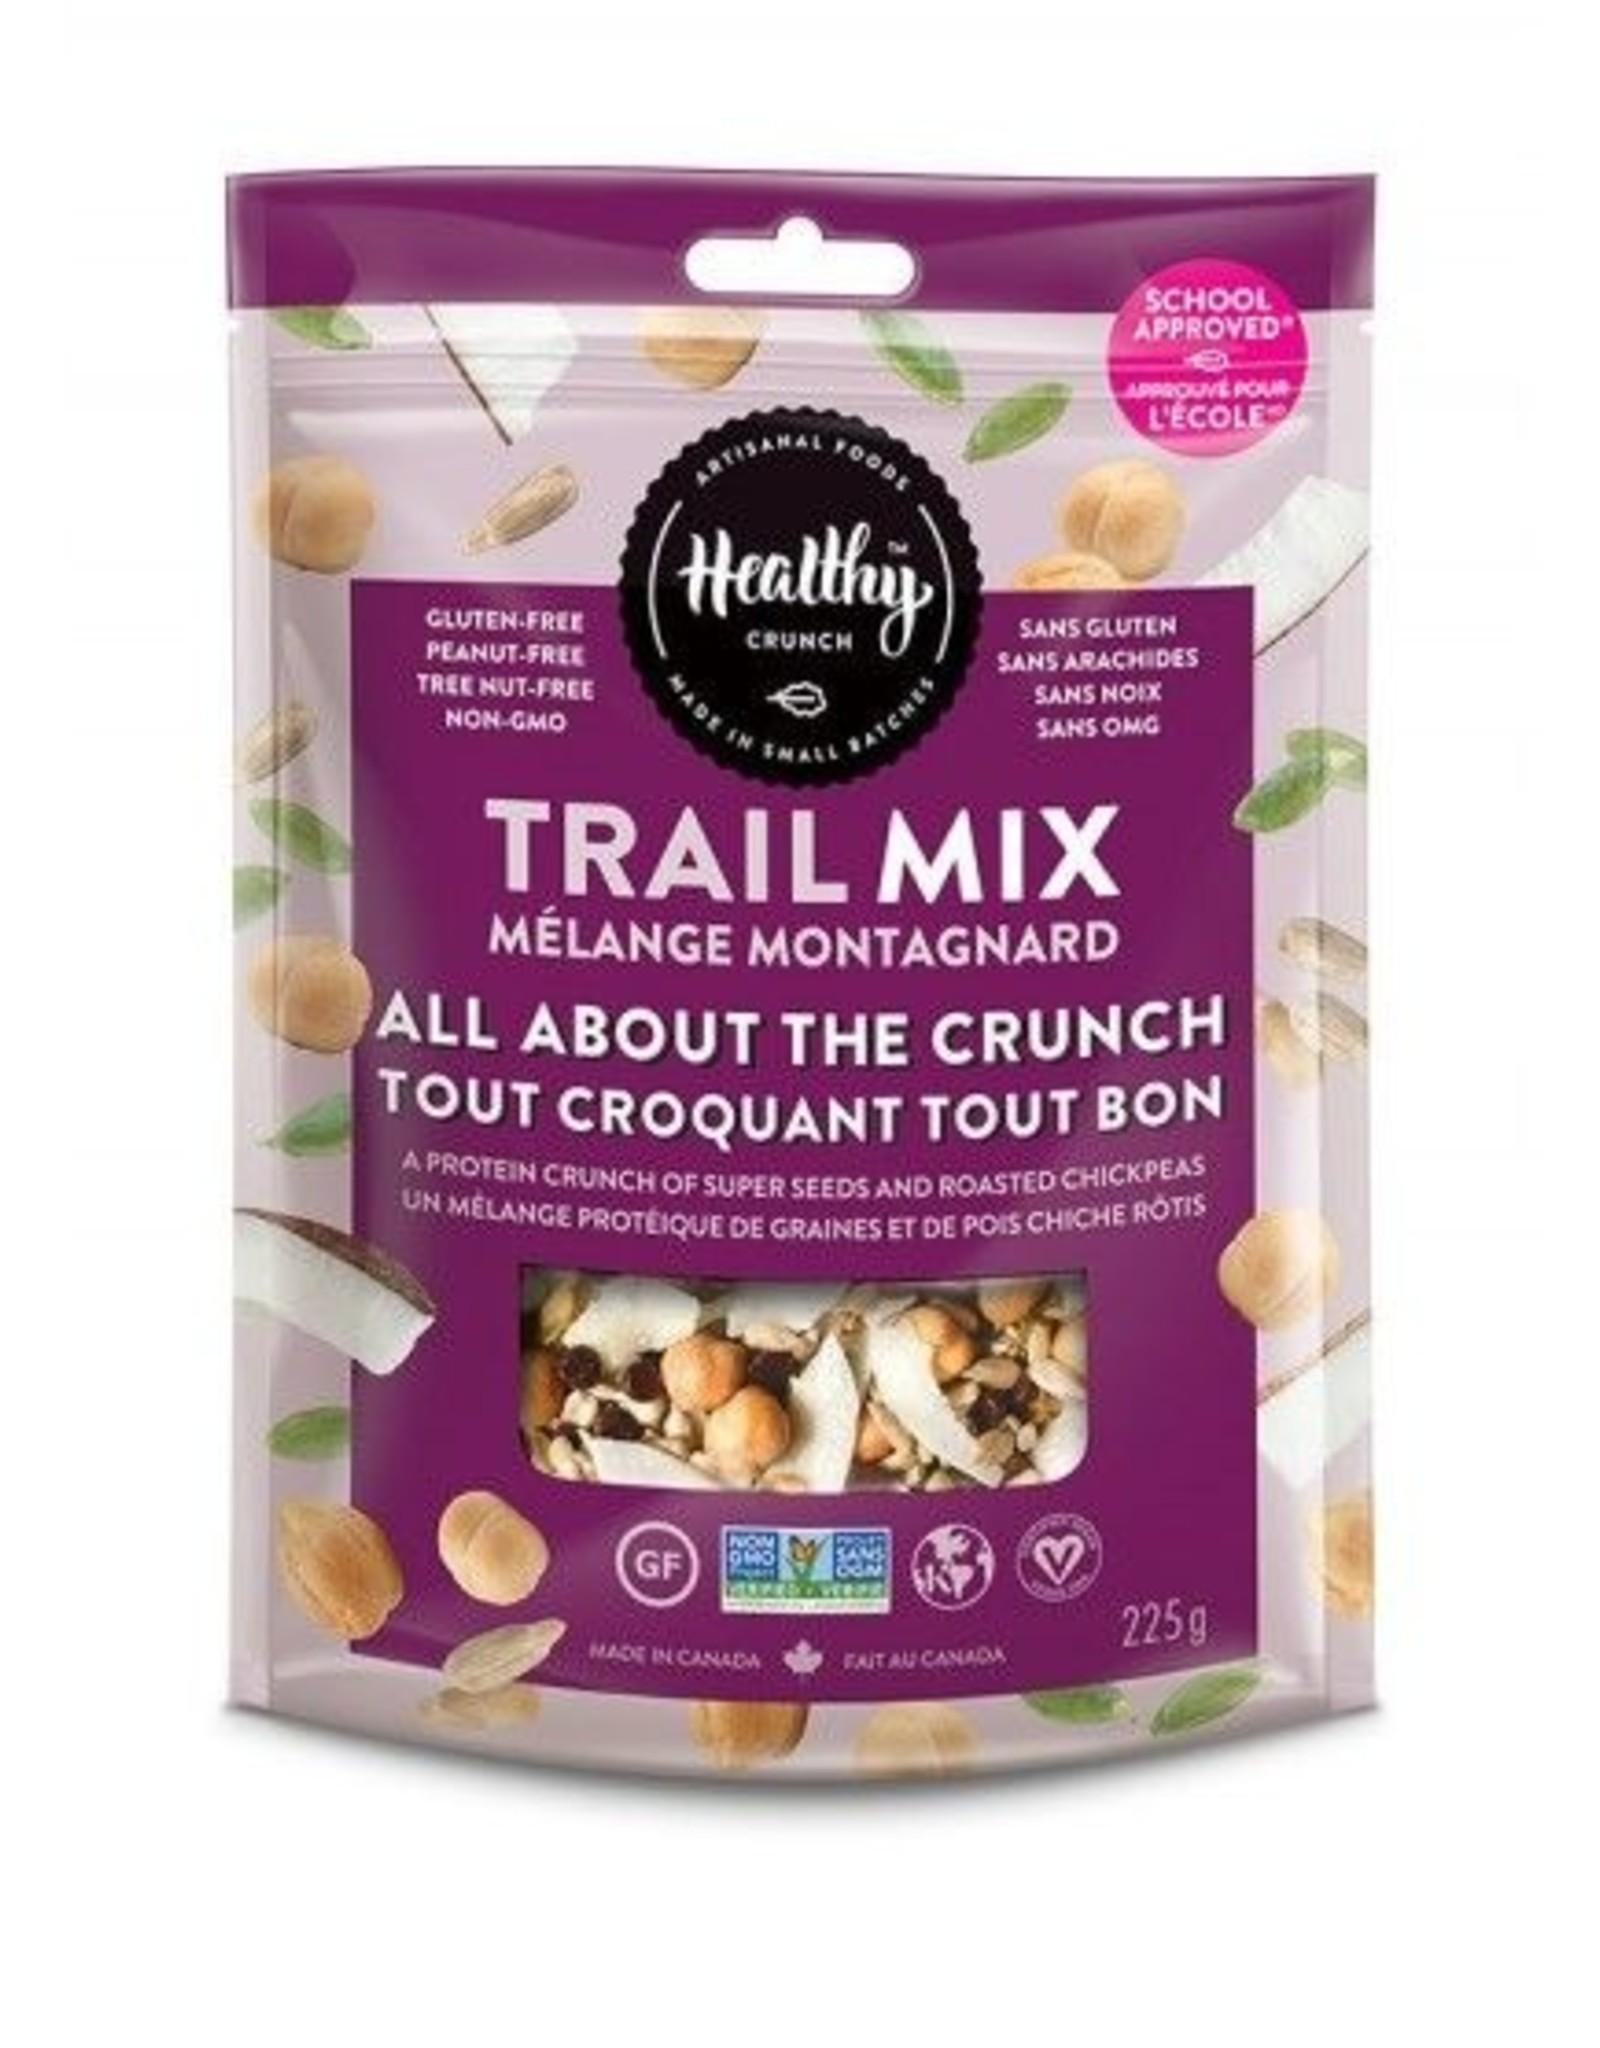 Healthy Crunch Healthy Crunch - Mélange Montagnard, Graines et Pois Chiches (225g)